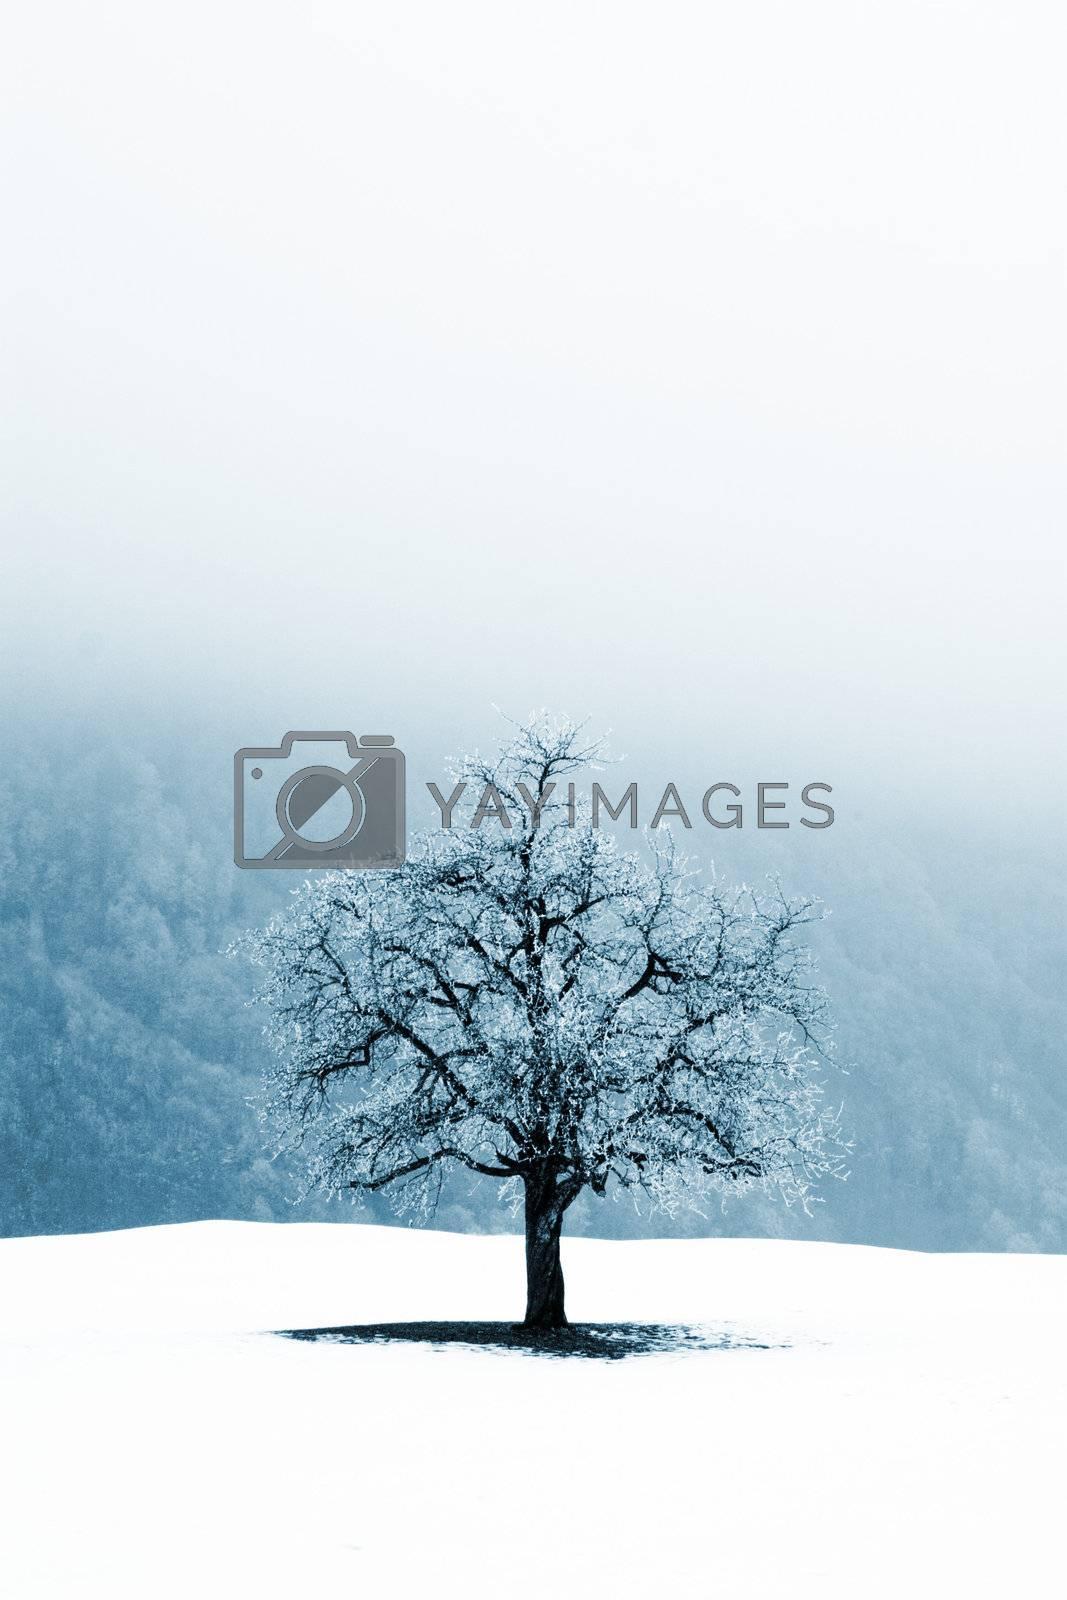 Lonely tree in foggy winter scene